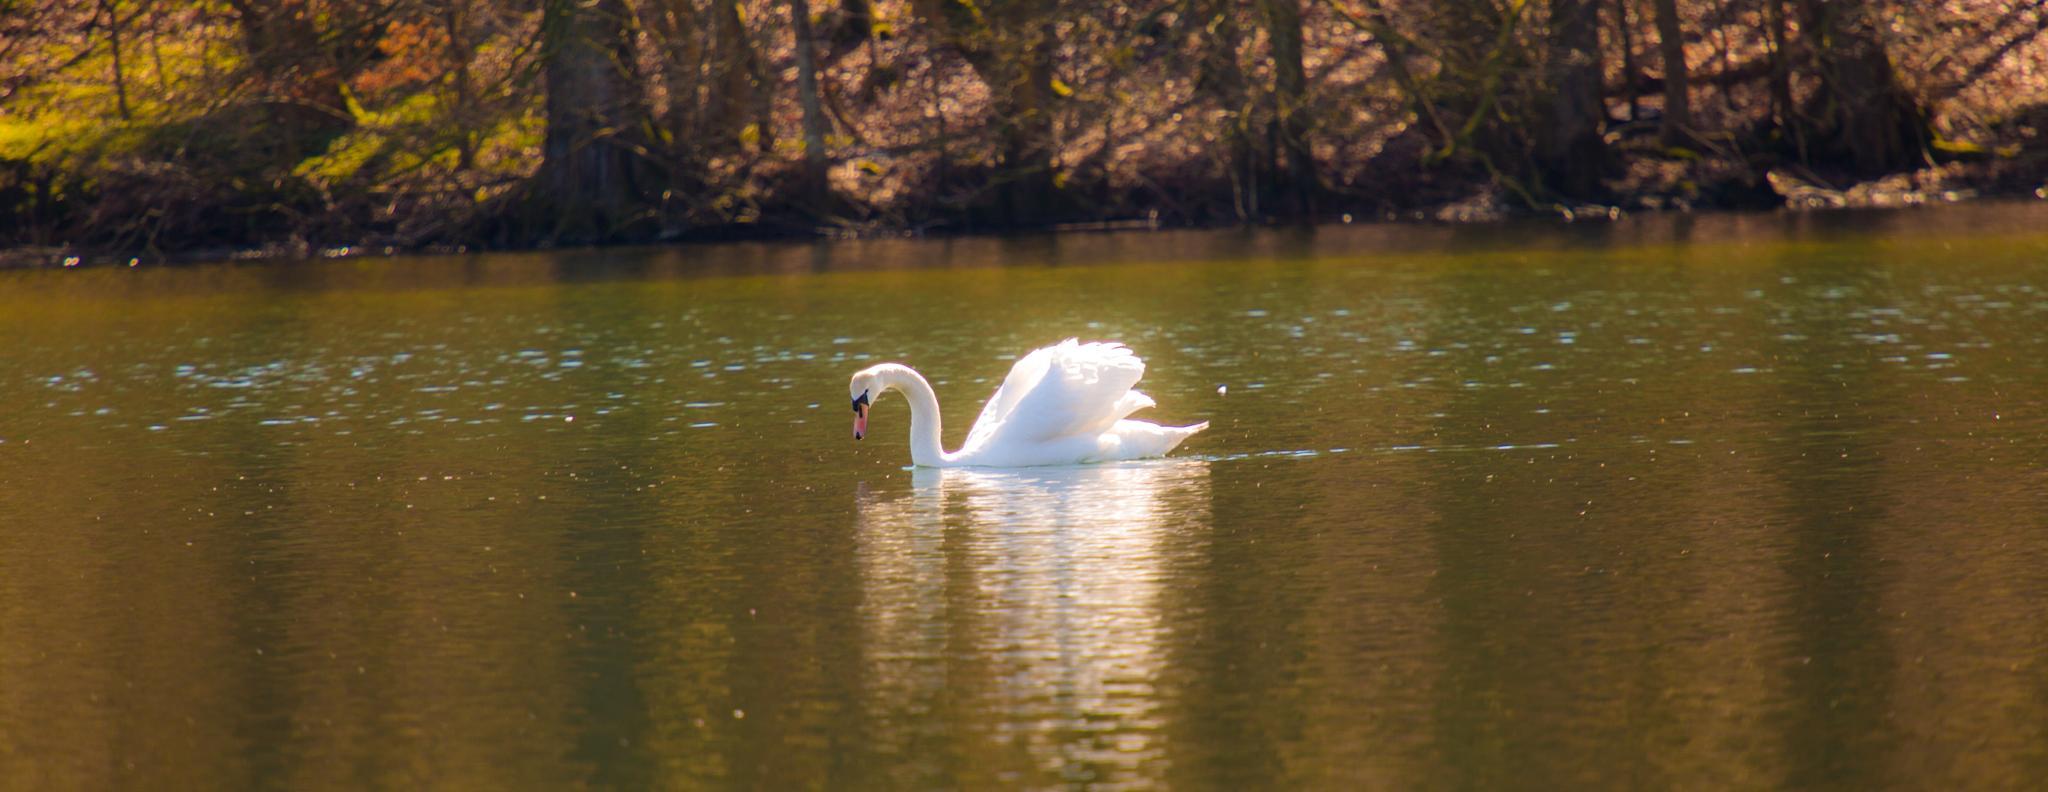 Swan lake by knud erik simonsen